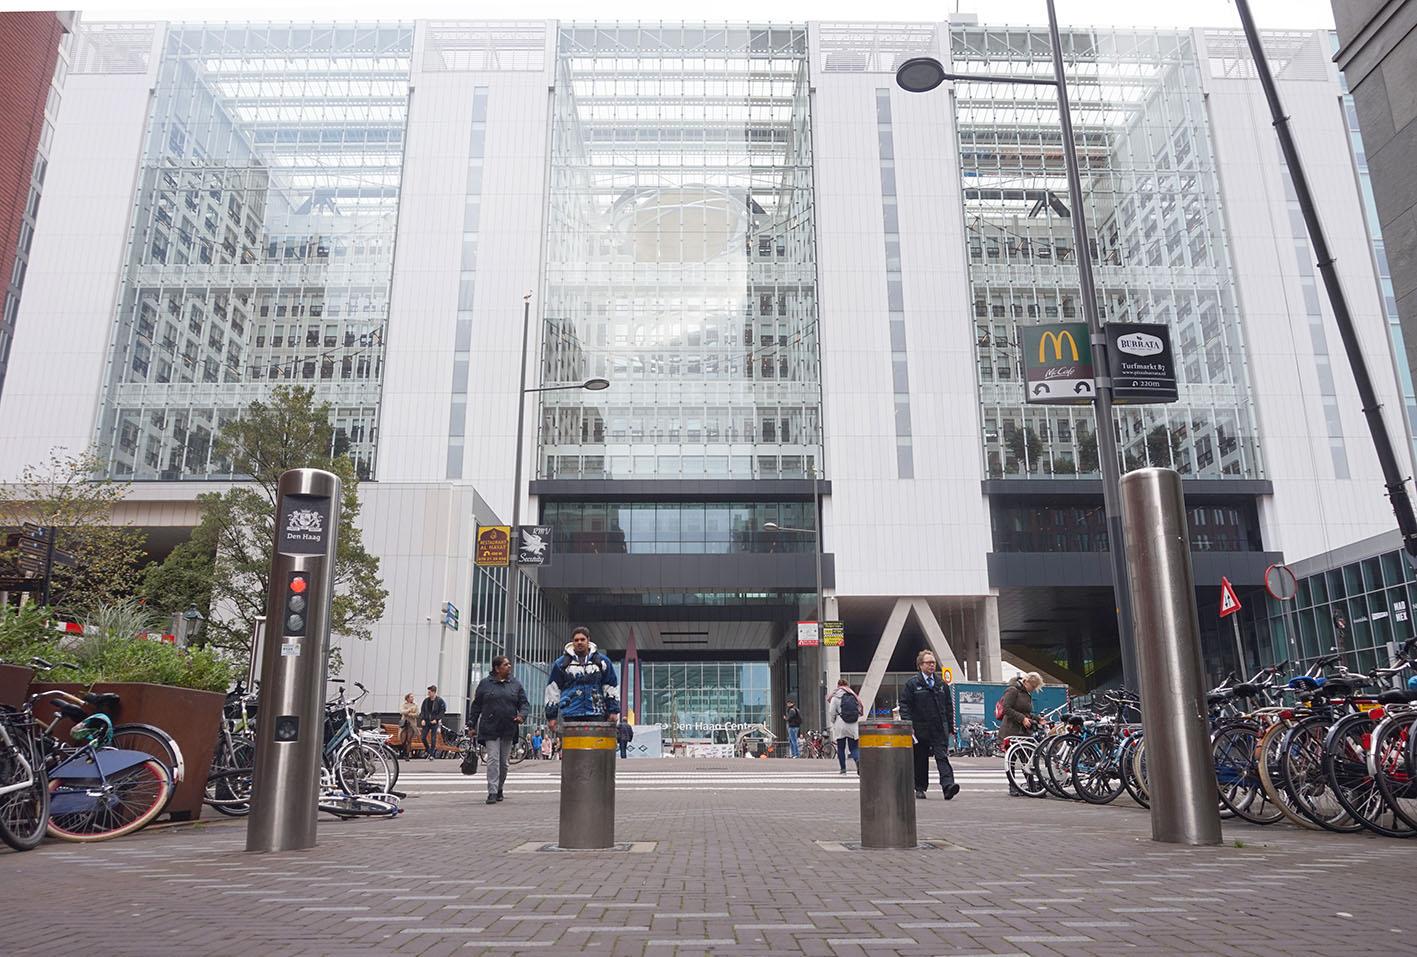 Beveiligde voertuig toegang in de binnenstad van Den Haag